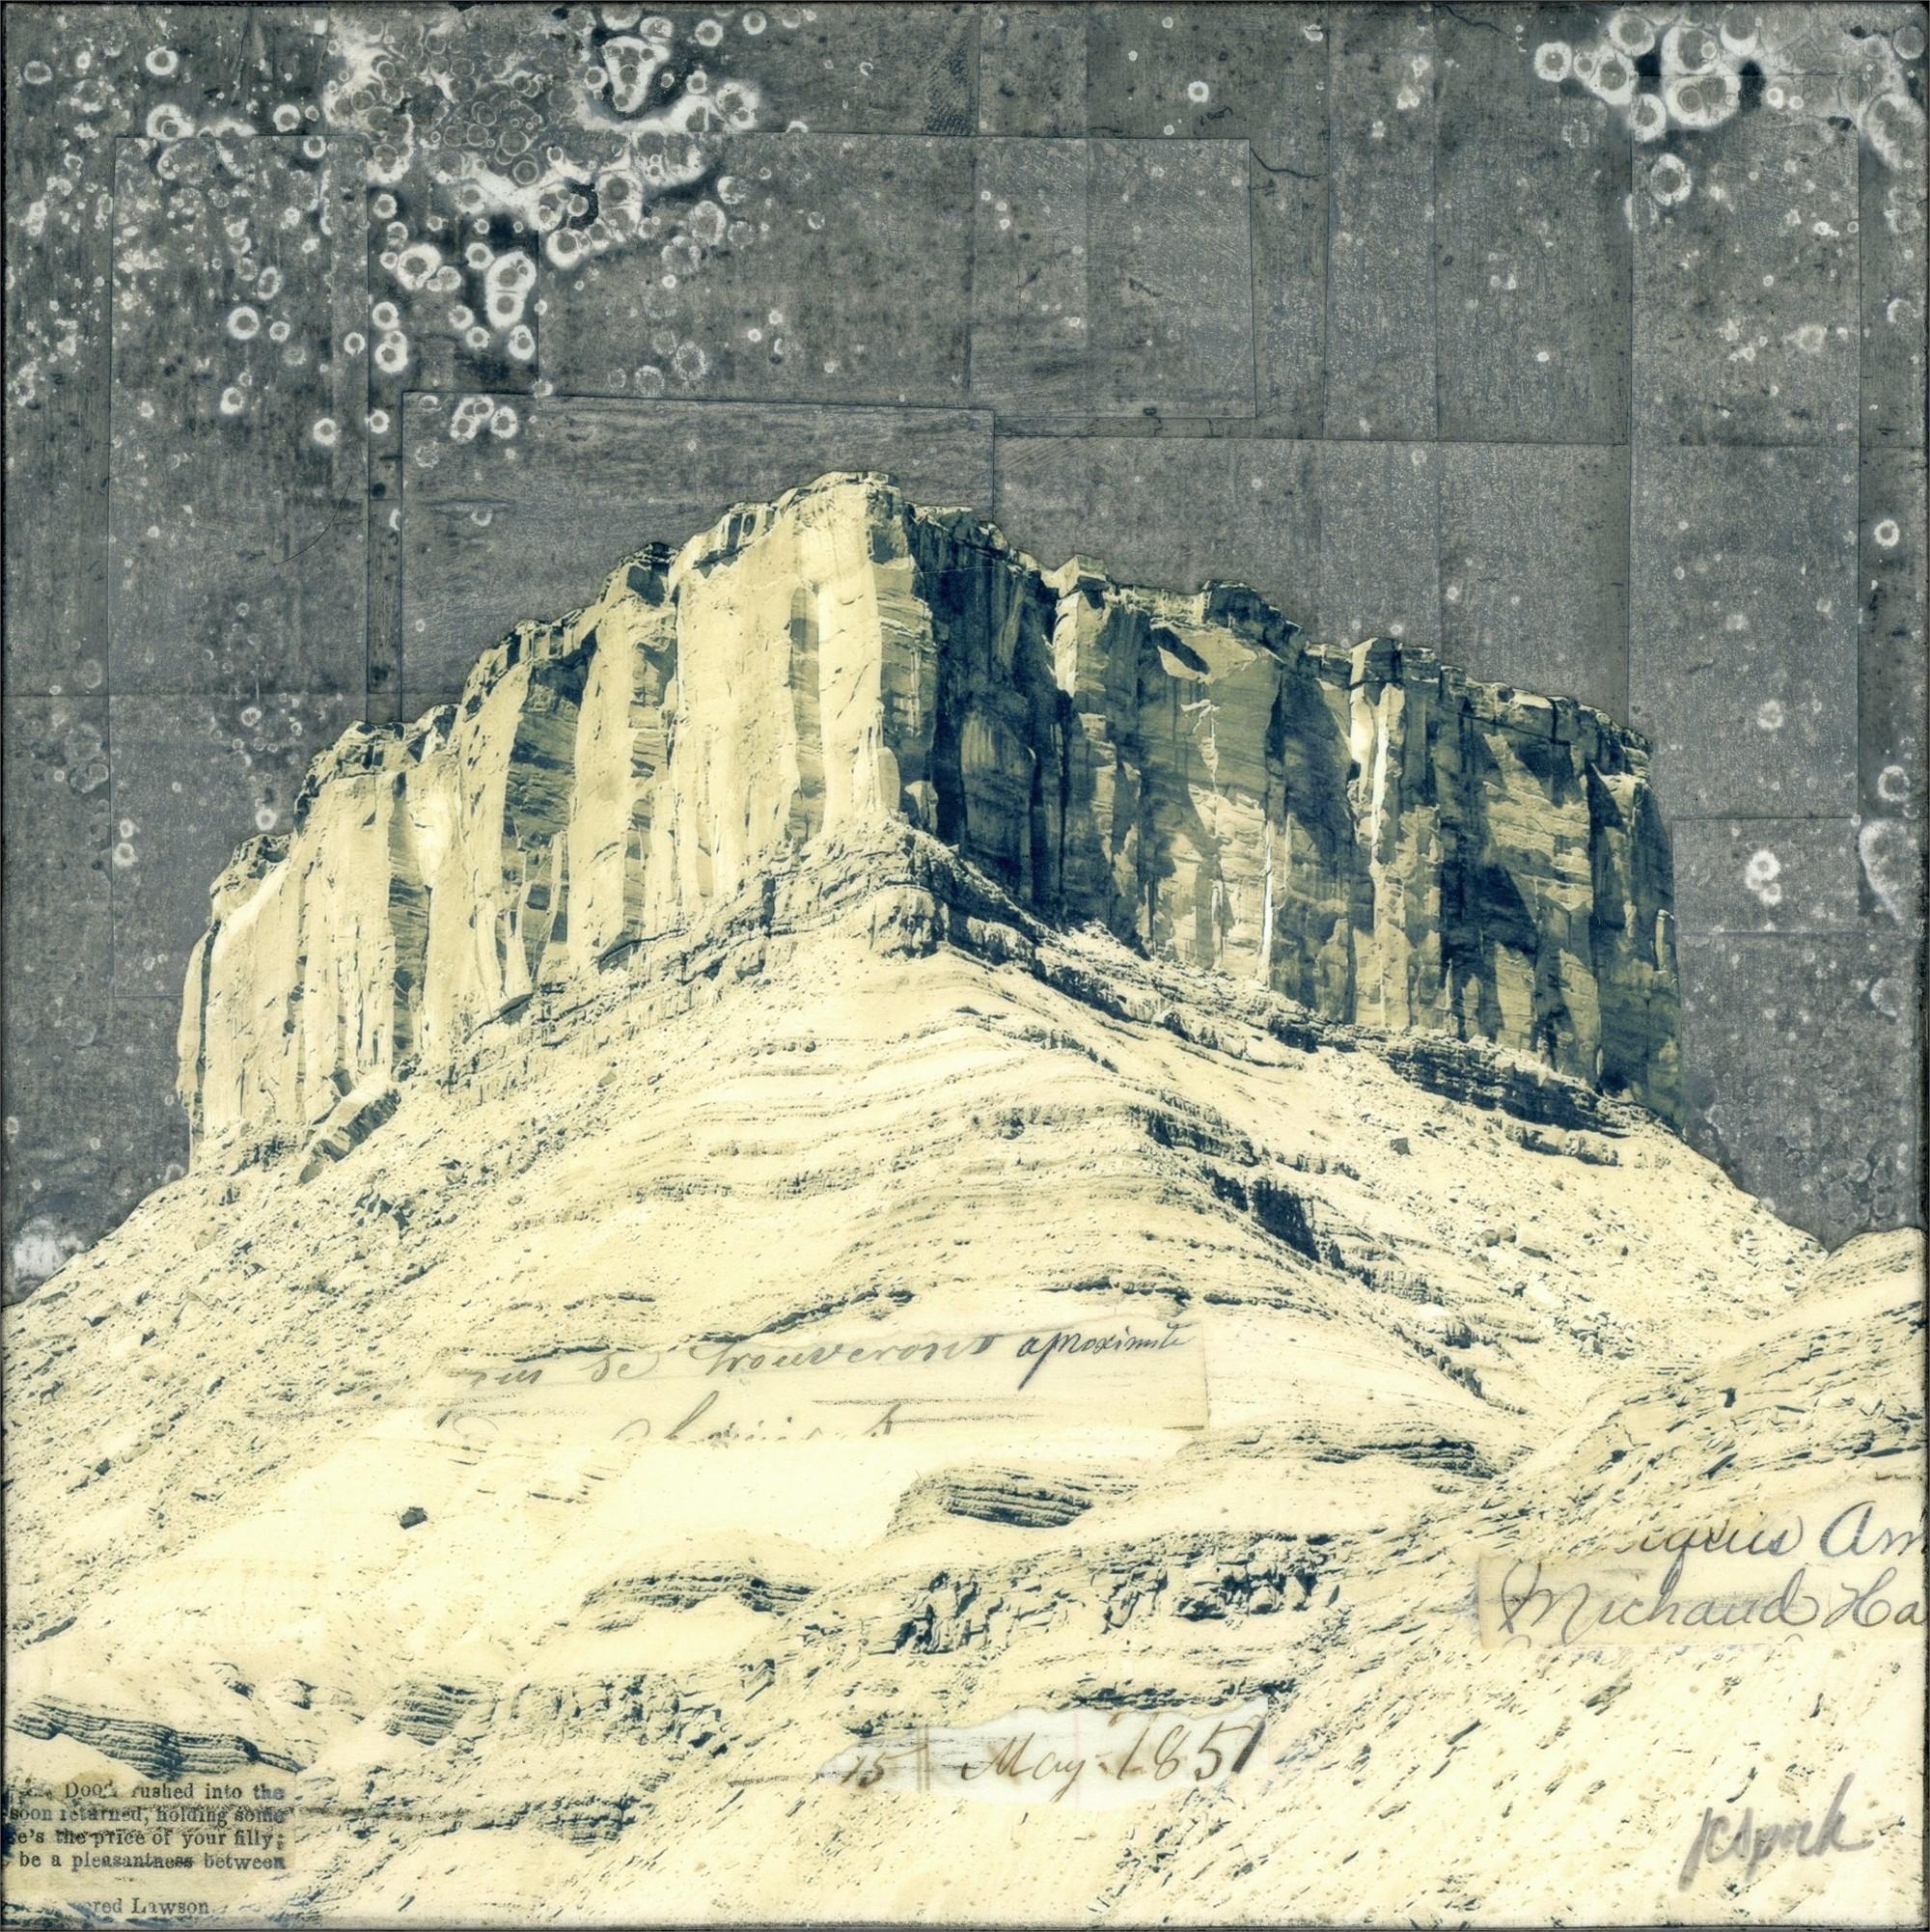 Stark Southwest III by JC Spock